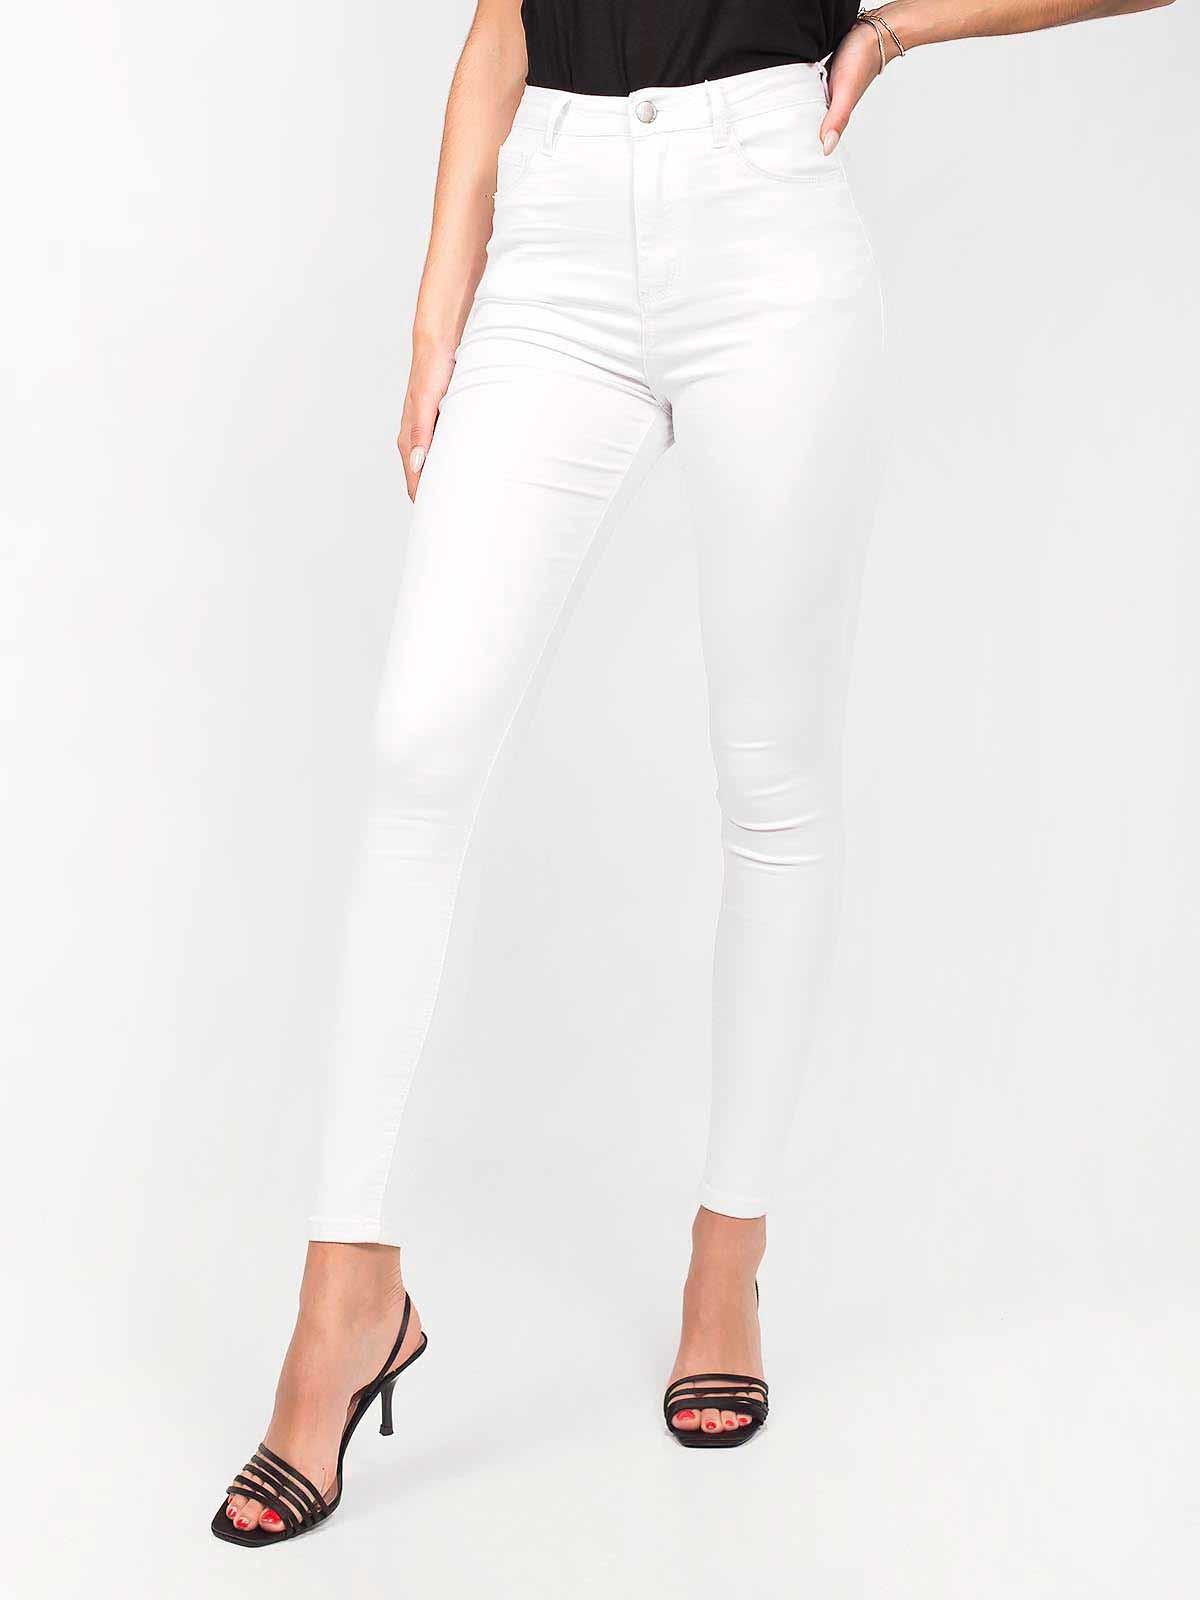 Calças brancas skinny jeans